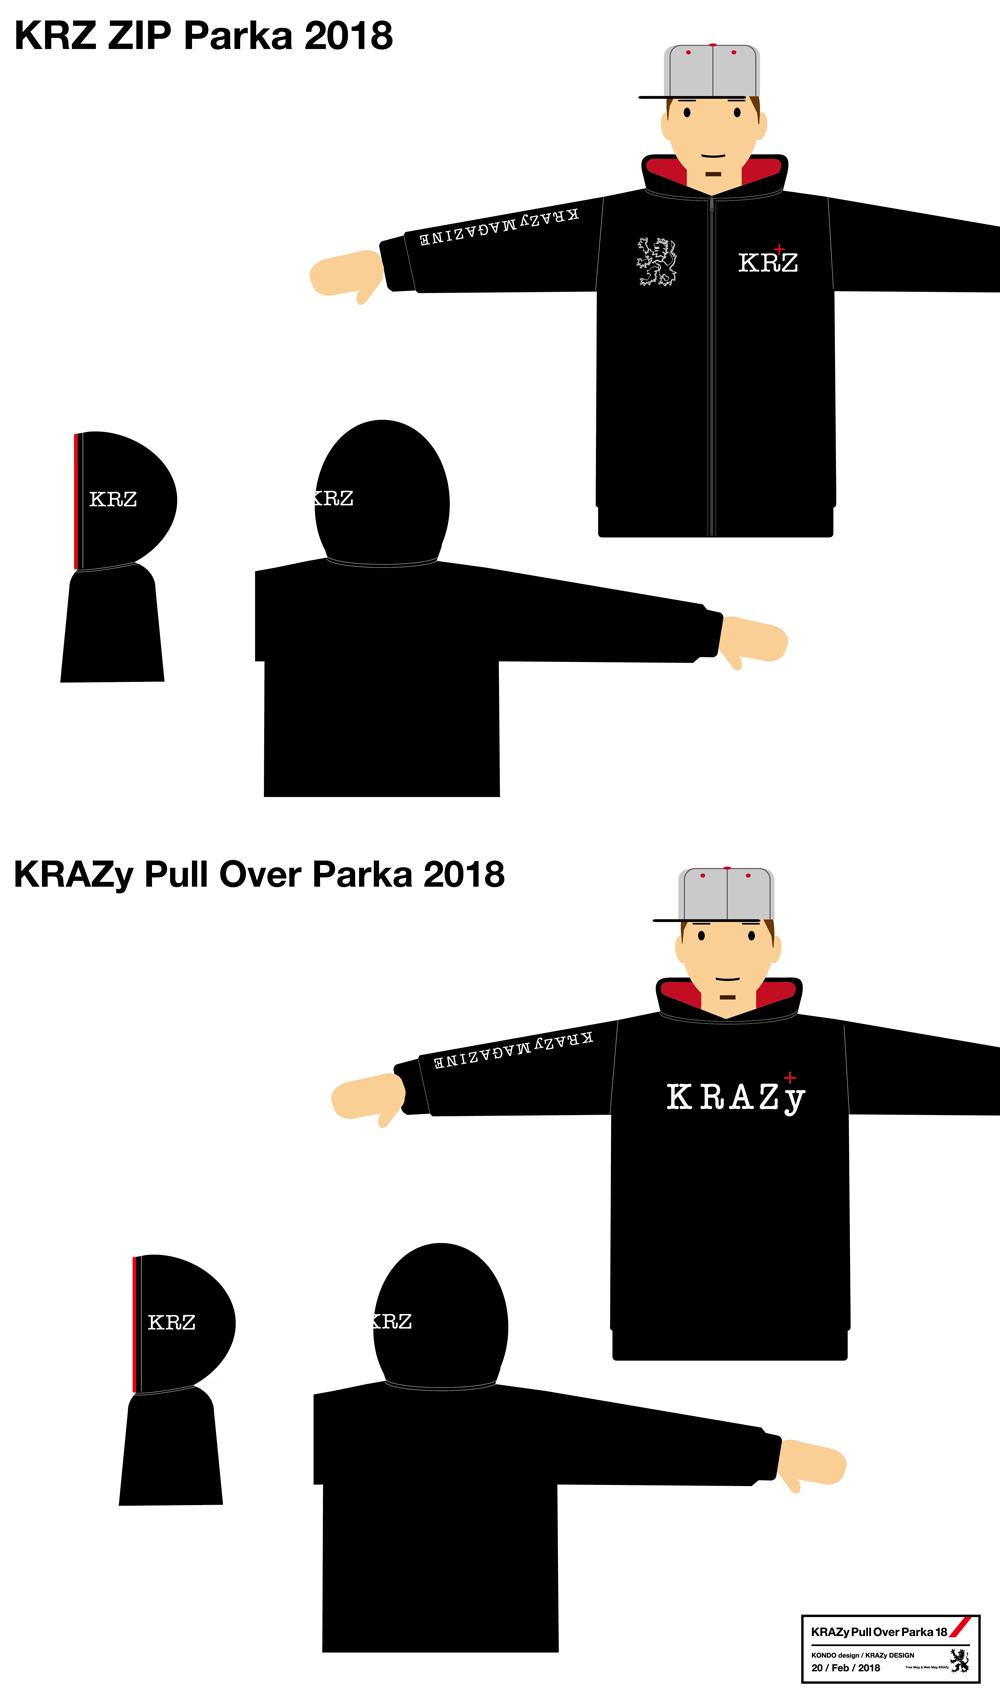 KRZ_Parka2018_